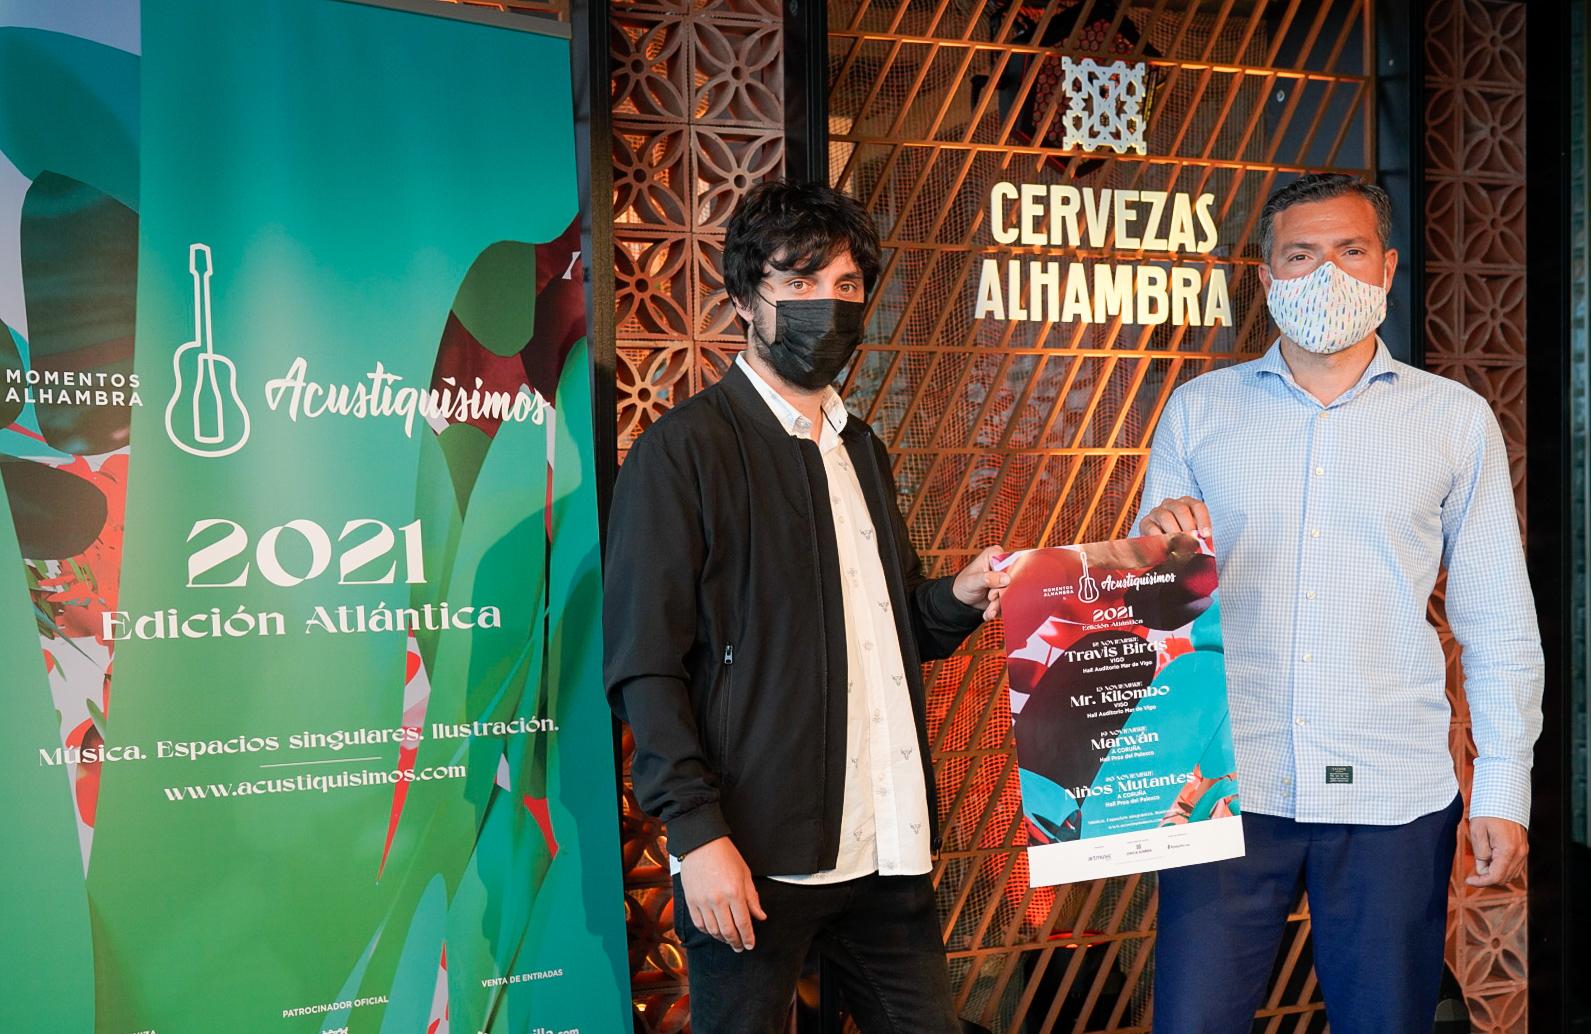 Travis Birds, Mr. Kilombo, Marwán y Niños Mutantes actuarán en la nueva edición de Momentos Alhambra Acustiquísimos